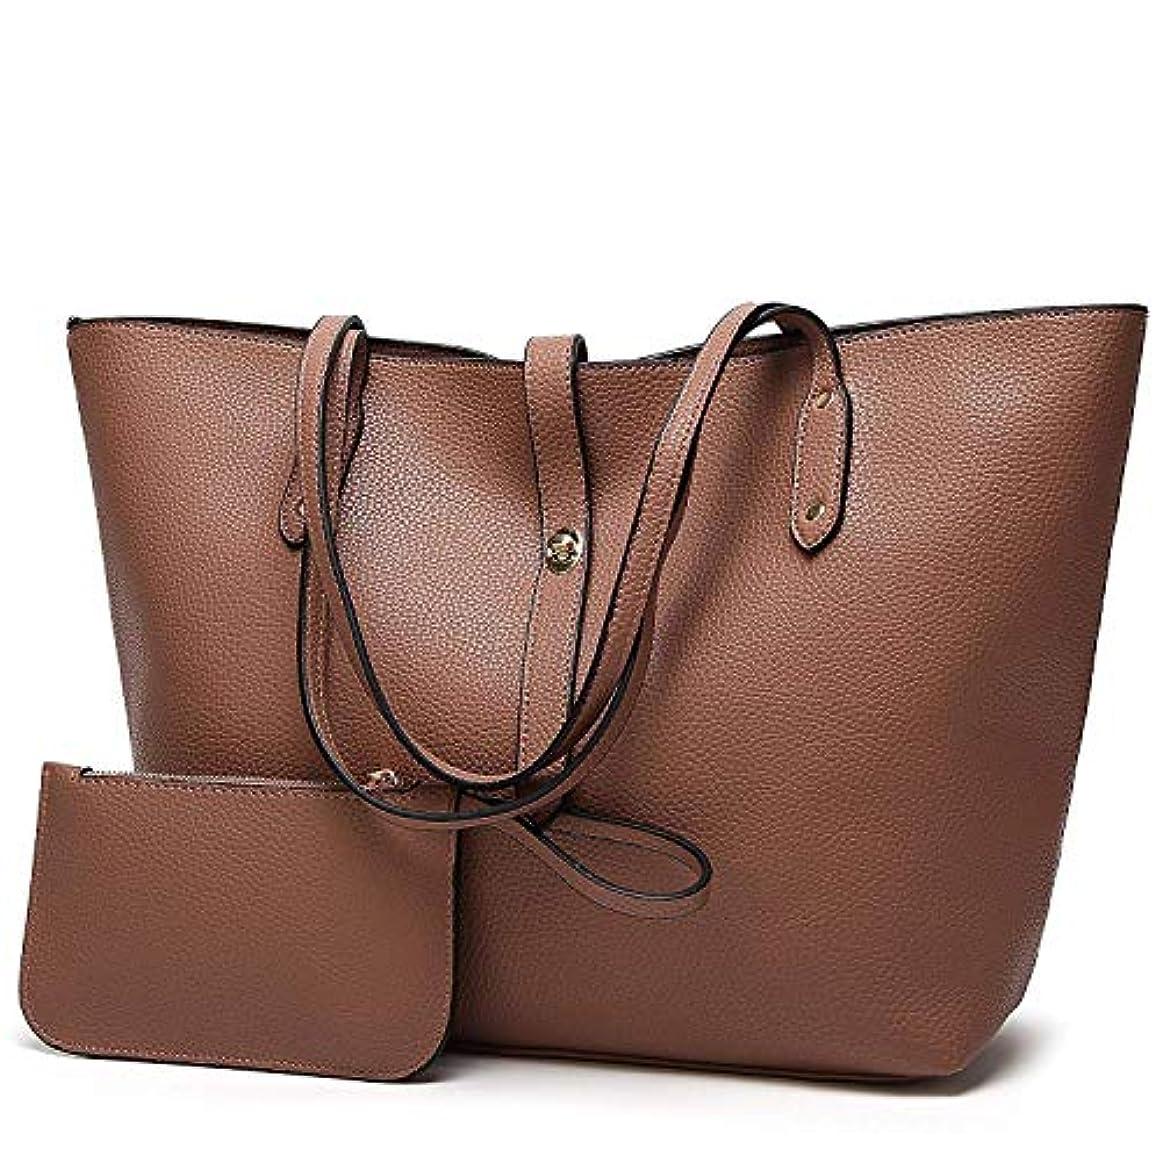 魅了するミネラル教授[TcIFE] ハンドバッグ レディース トートバッグ 大容量 無地 ショルダーバッグ 2way 財布とハンドバッグ